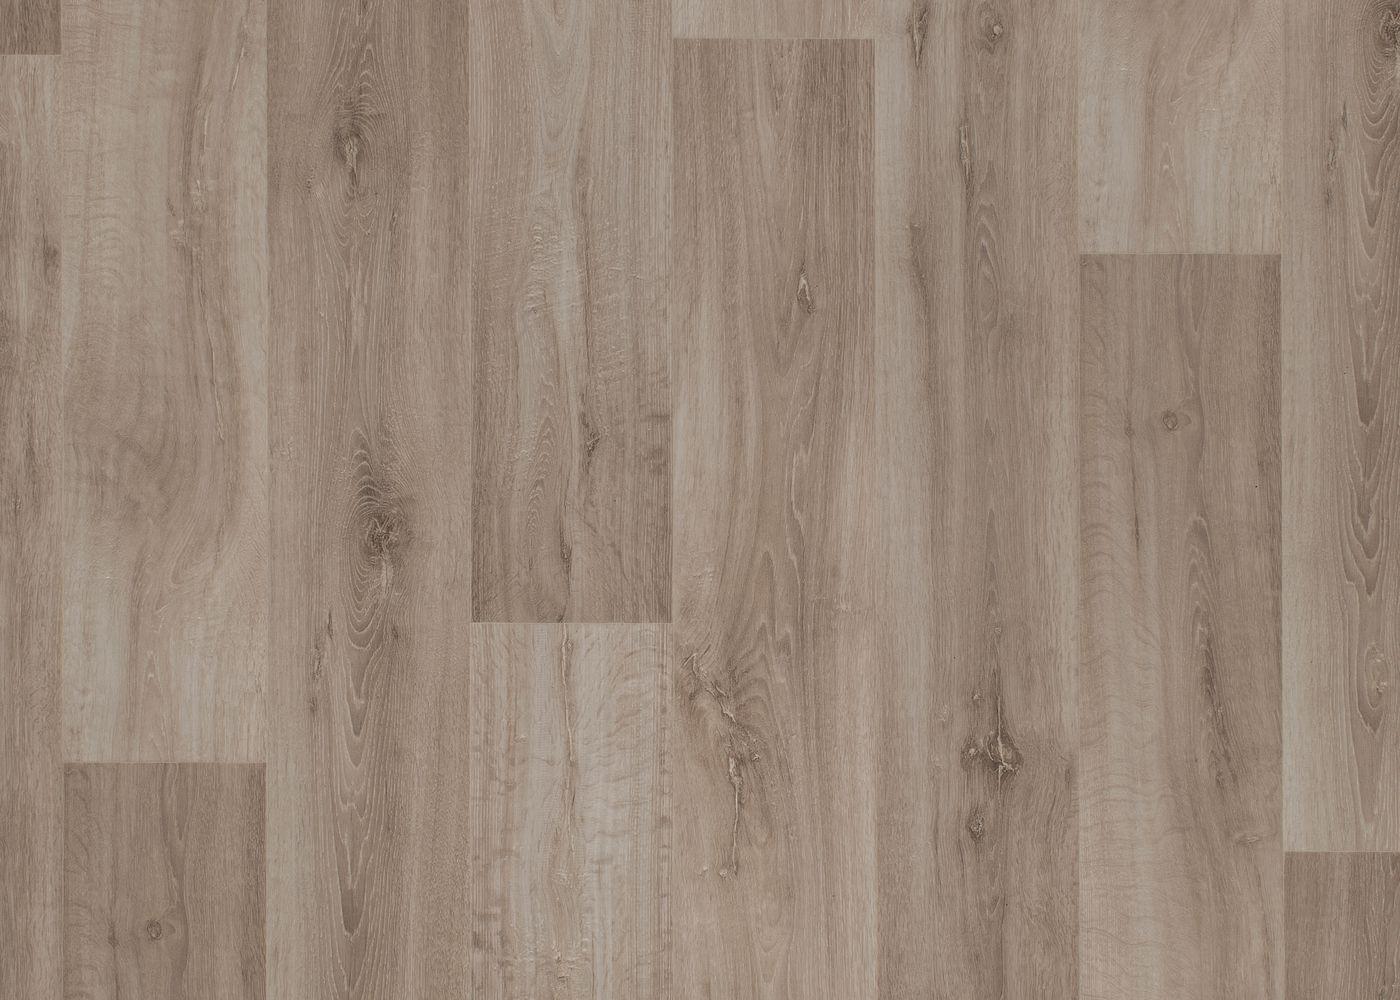 Lames vinyles passage intensif clipsable 55 monolame g4 décor Chêne lime 979m - couche d'usure 0,55mm Passage intensif